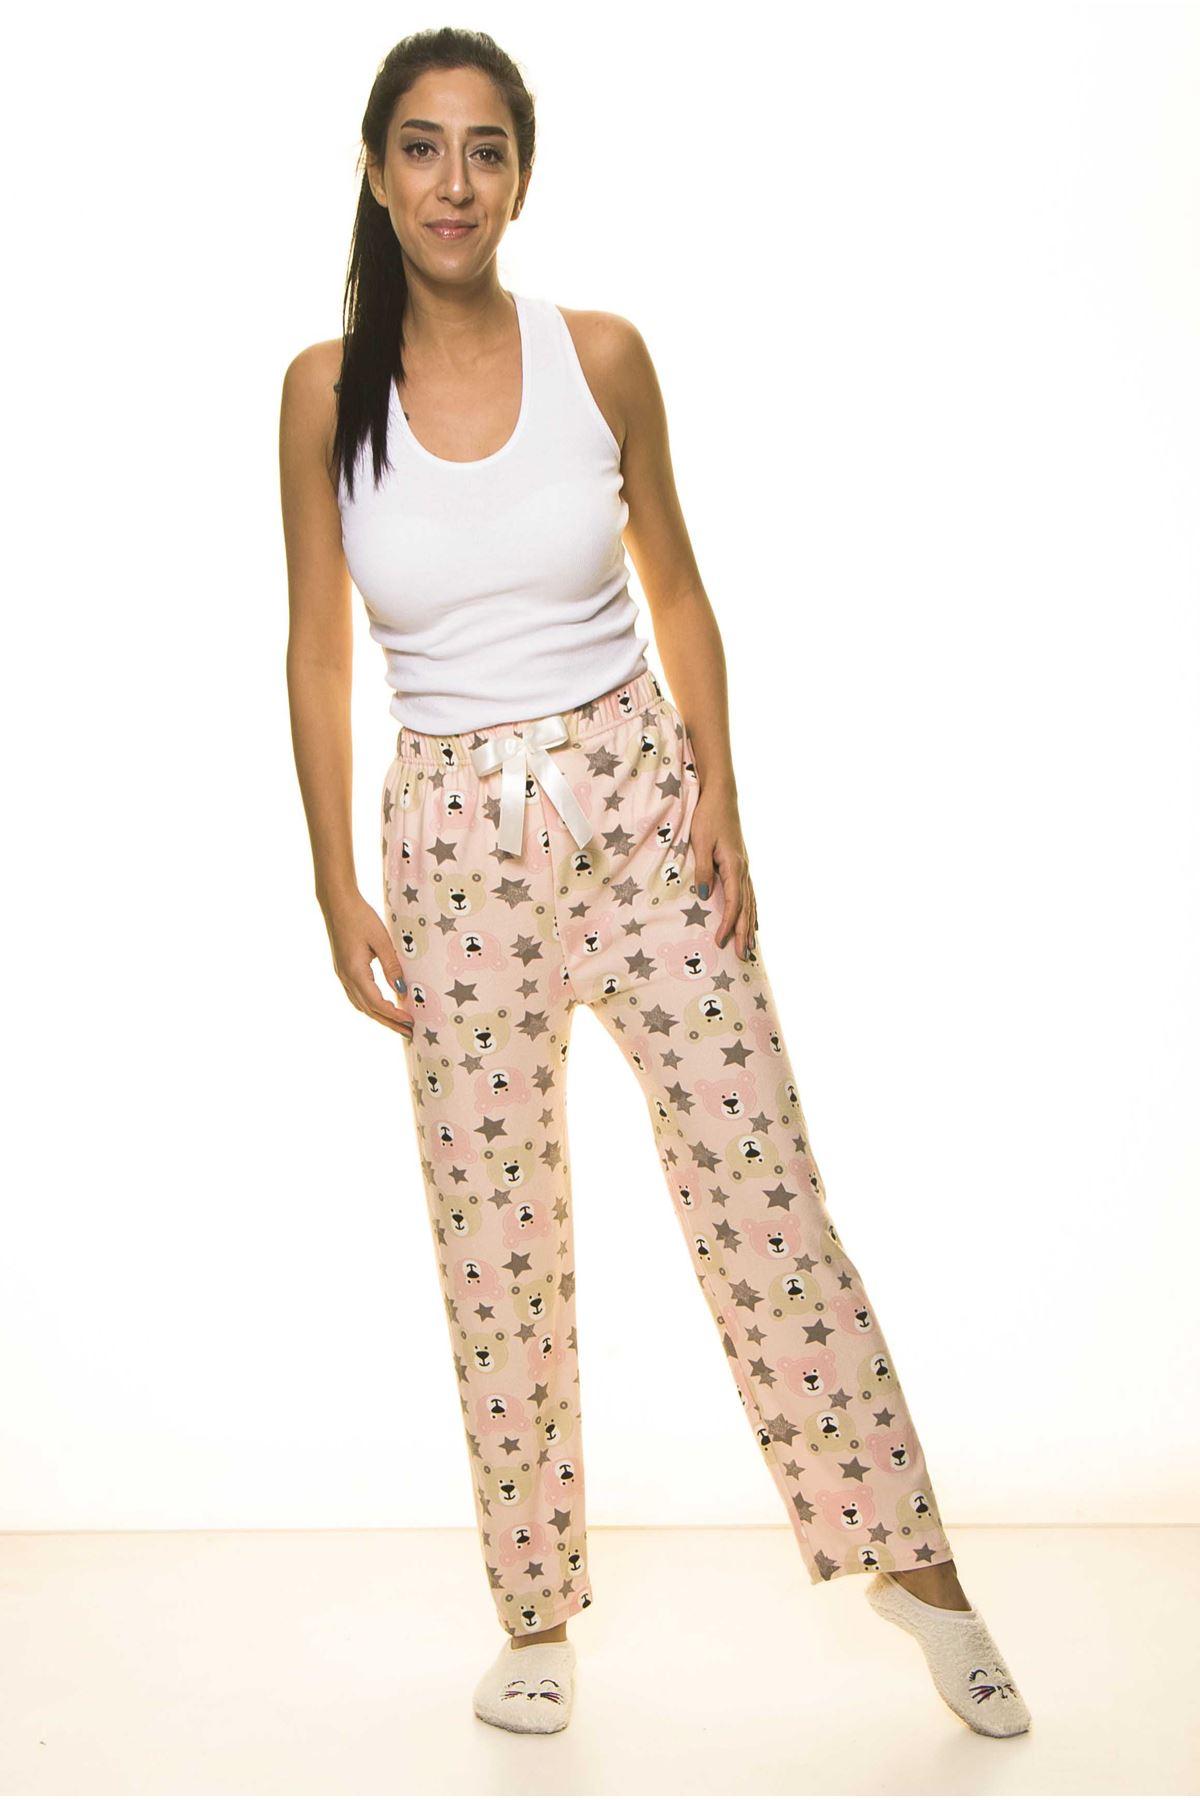 Pudra Pembe Sevimli Ev Pijama Altı 9C-2056